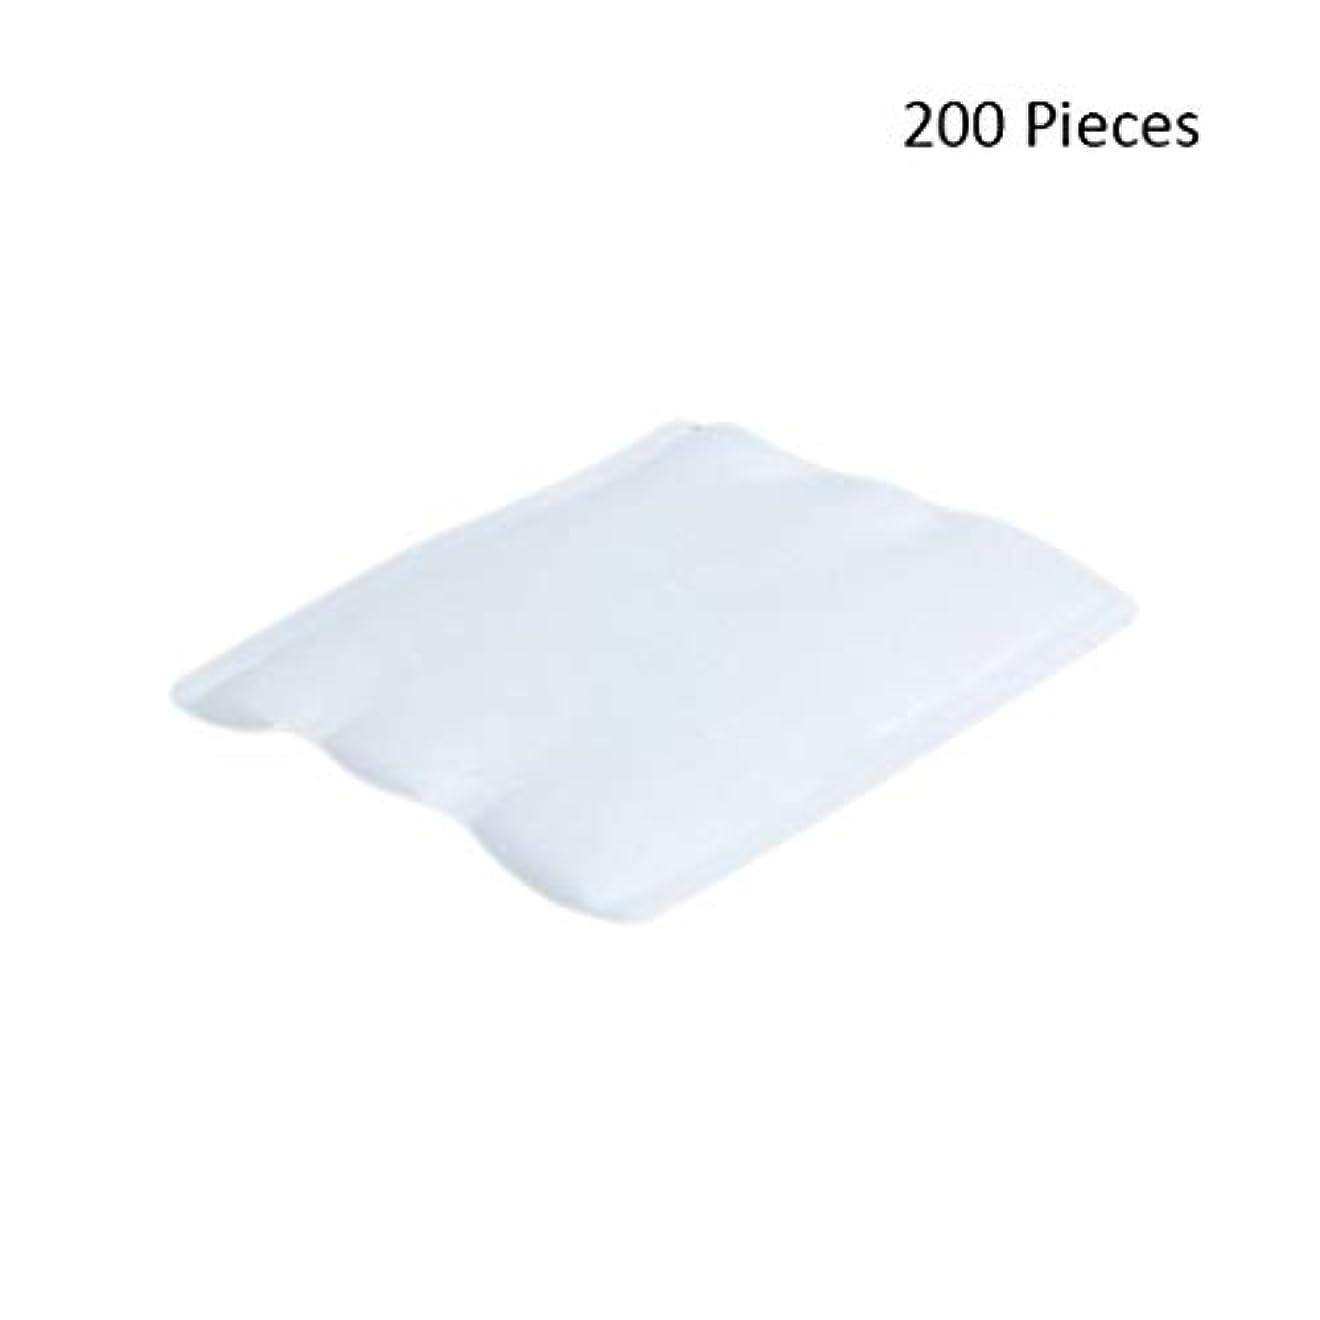 質量分岐するマット化粧パッド 200ピースオーガニックコットンパッドフェイシャルカットクレンジングメイクアップパフ化粧品メイクアップリムーバーワイプスキンフェイスウォッシュコットンパッド メイク落とし化粧パッド (Color : White...